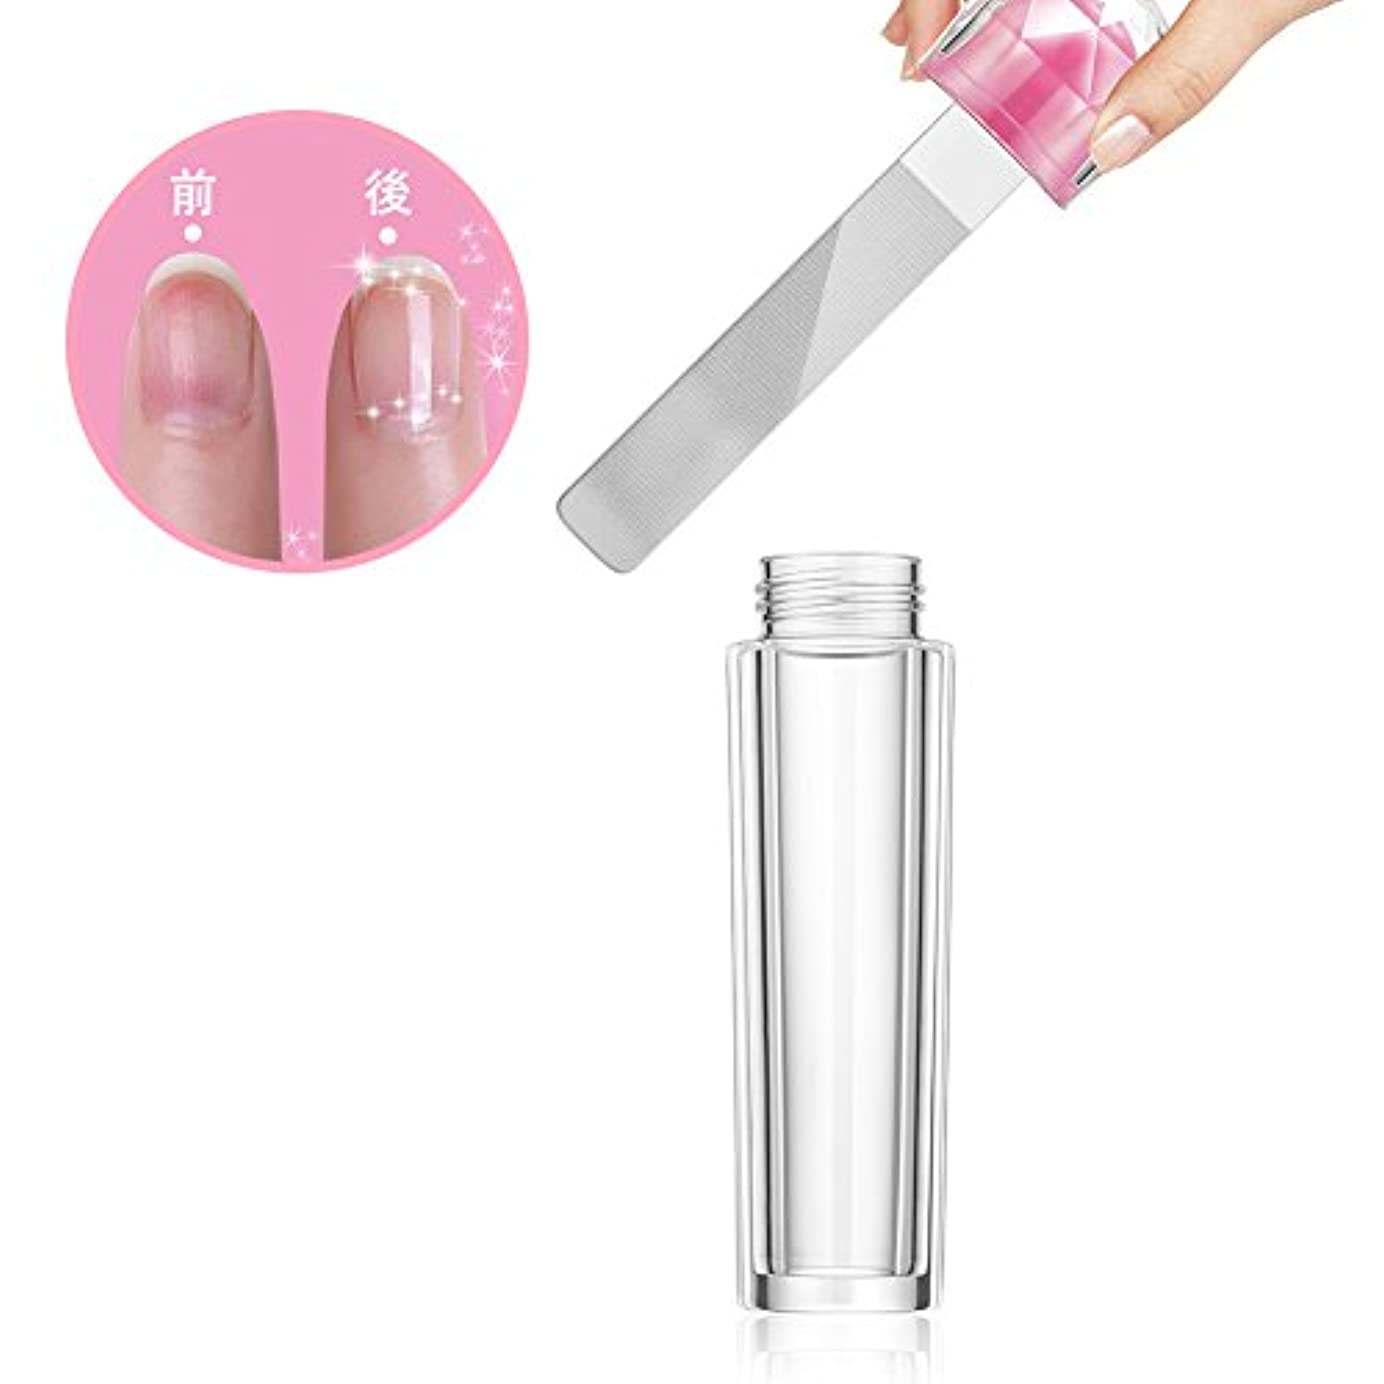 引き算時間サークルガラス製 爪やすり 爪磨き ネイルケア ケース付き ネイルシャイナー ネイルケア (1個) (1個)